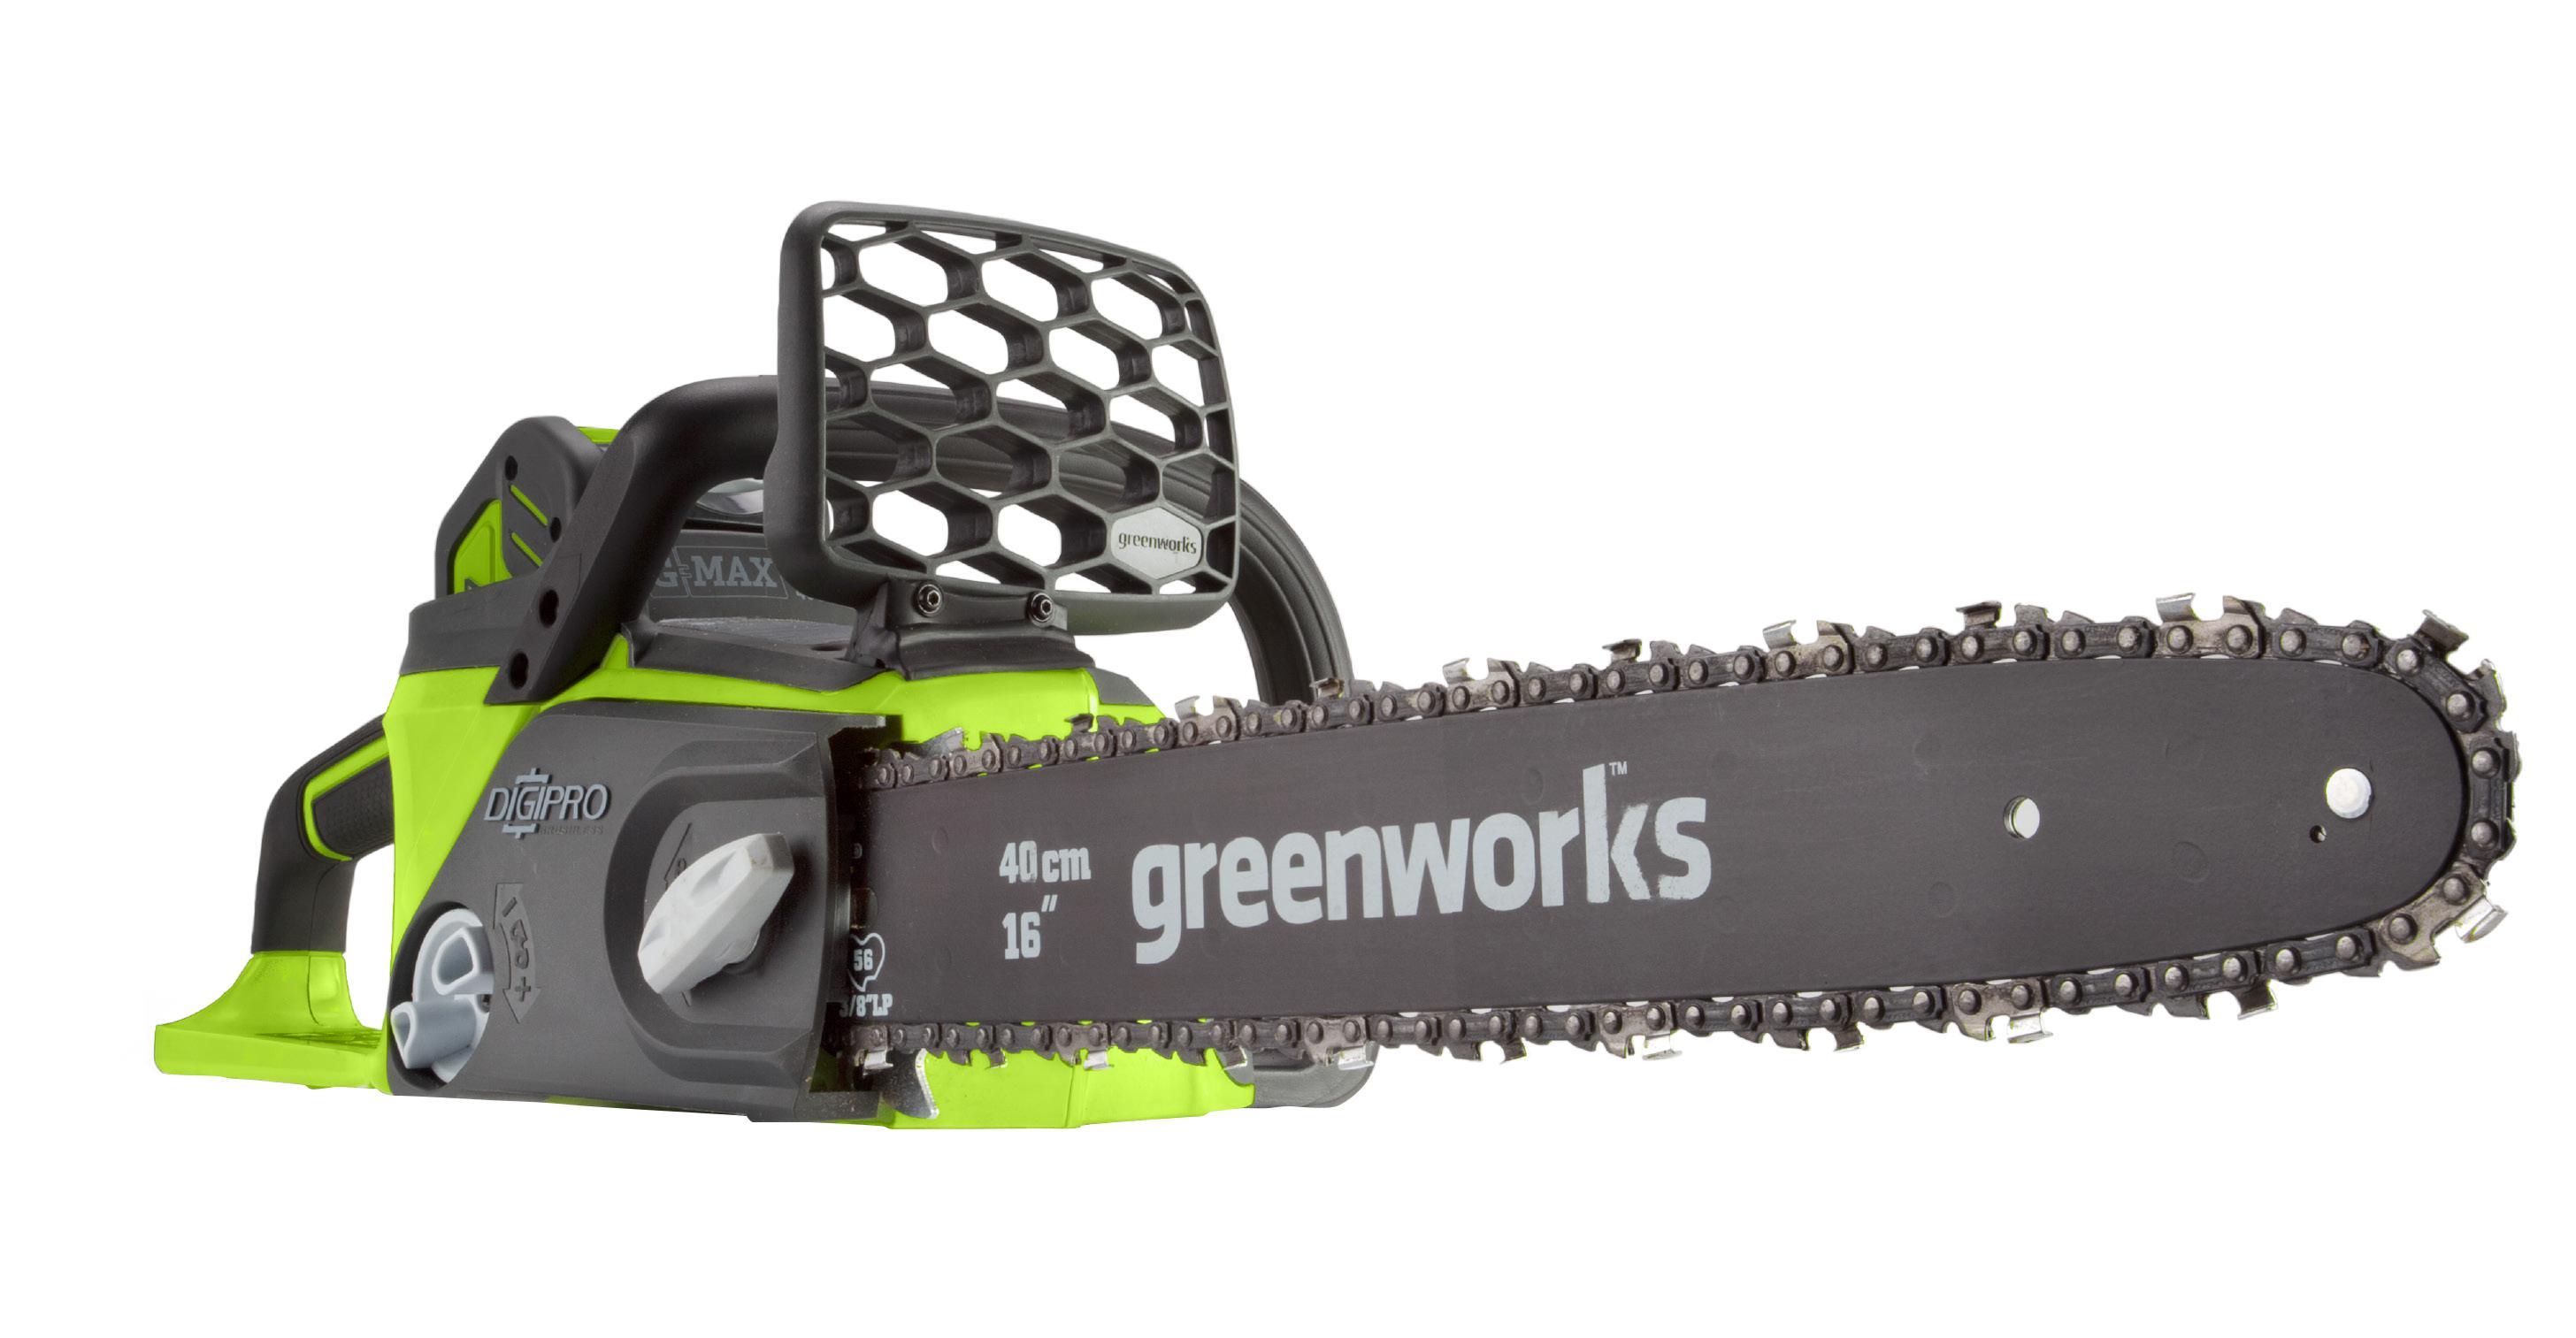 цена на Пила цепная аккумуляторная Greenworks Gd40cs40 (20077) БЕЗ АККУМ и ЗУ